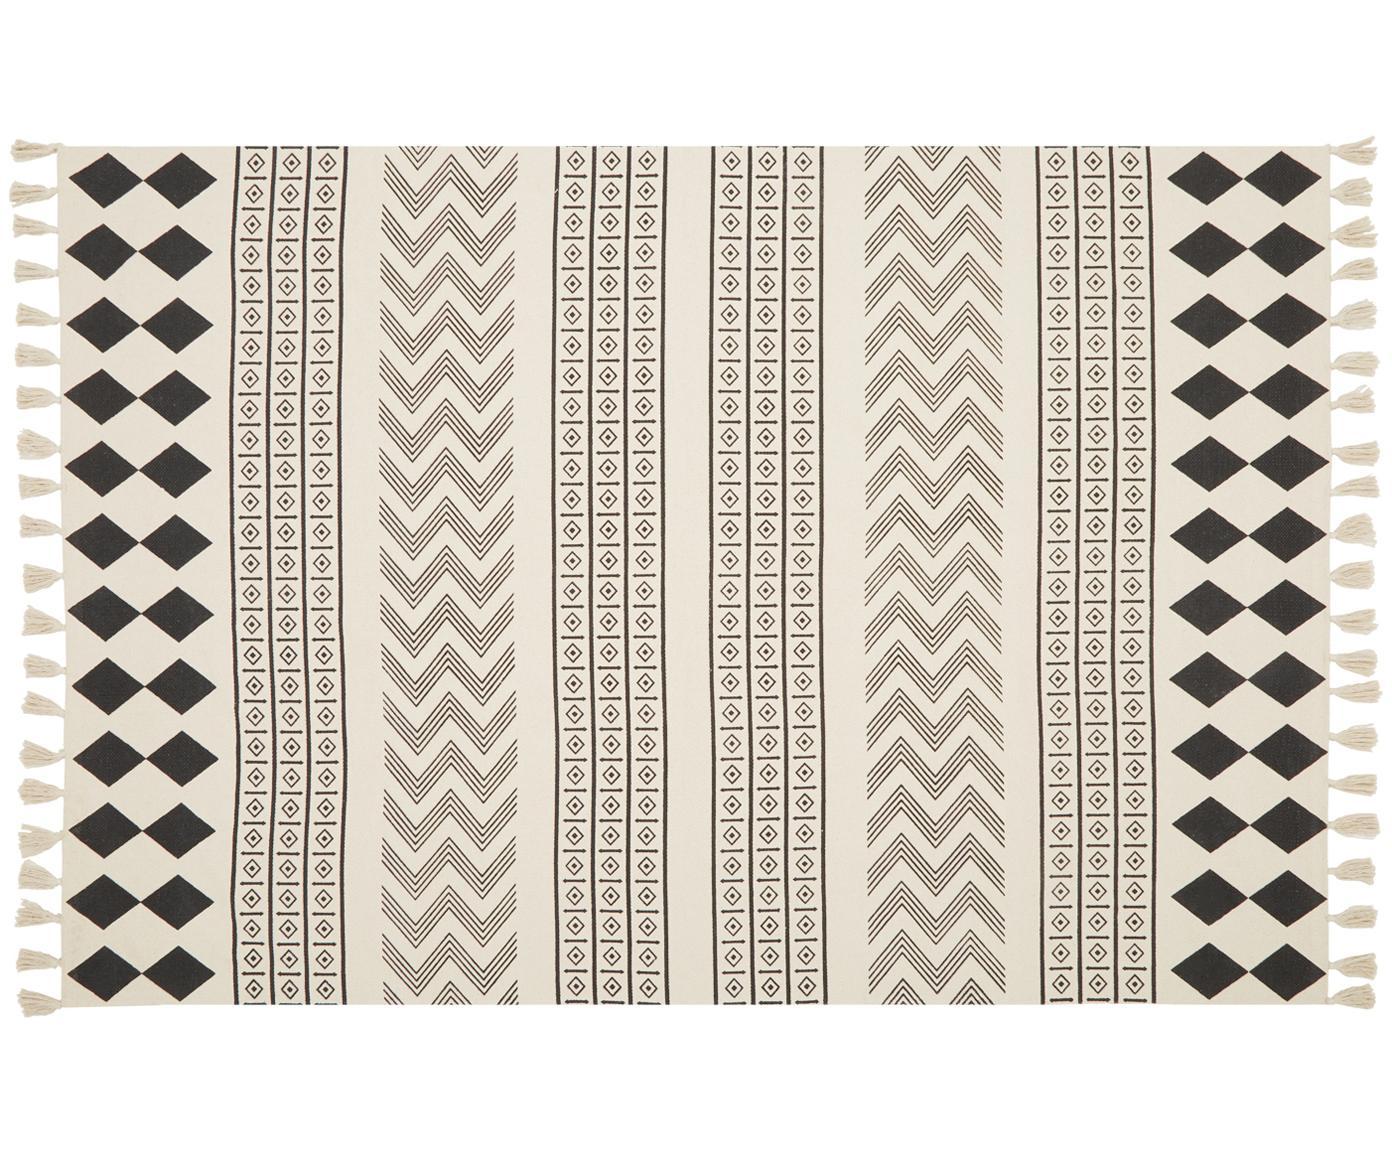 Handgewebter Baumwollteppich Edna im Ethno Style, 100% Baumwolle, Cremeweiß, Schwarz, B 60 x L 90 cm (Größe XS)